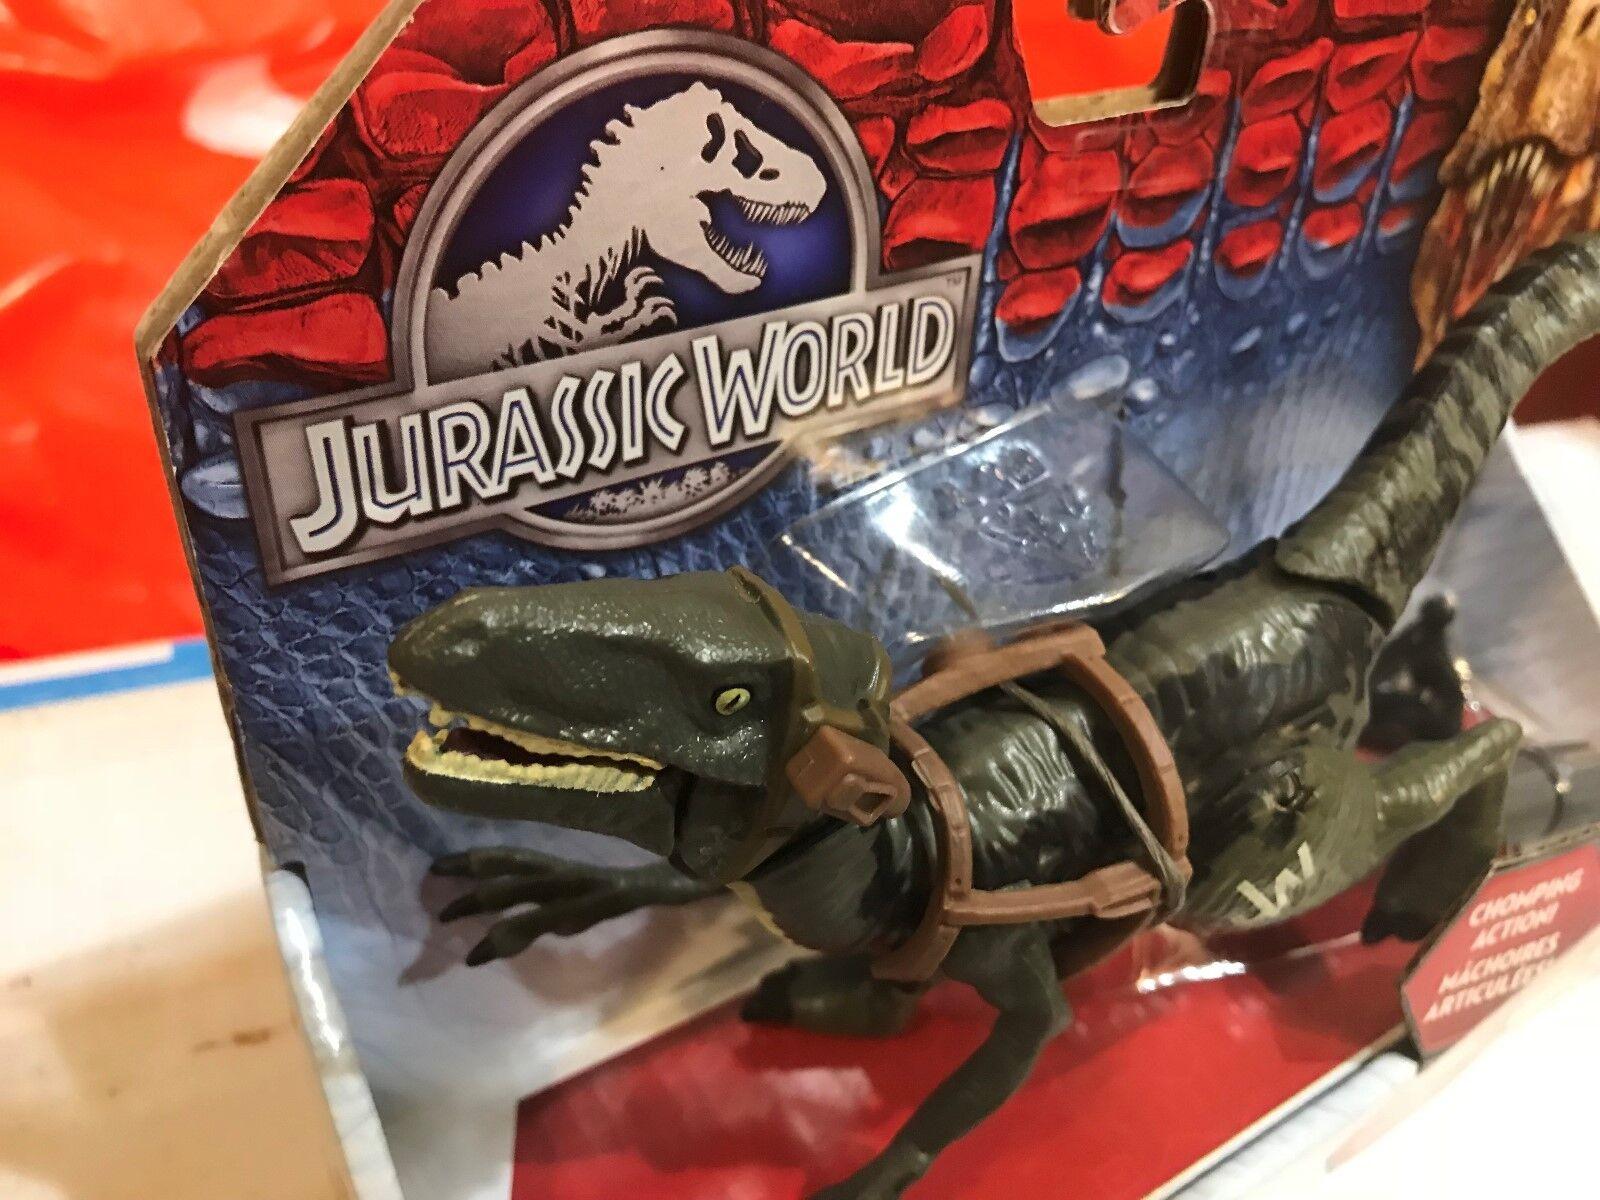 Jurassic park welt velociraptor blau mit schmatzen aktion dinosaurier - figur